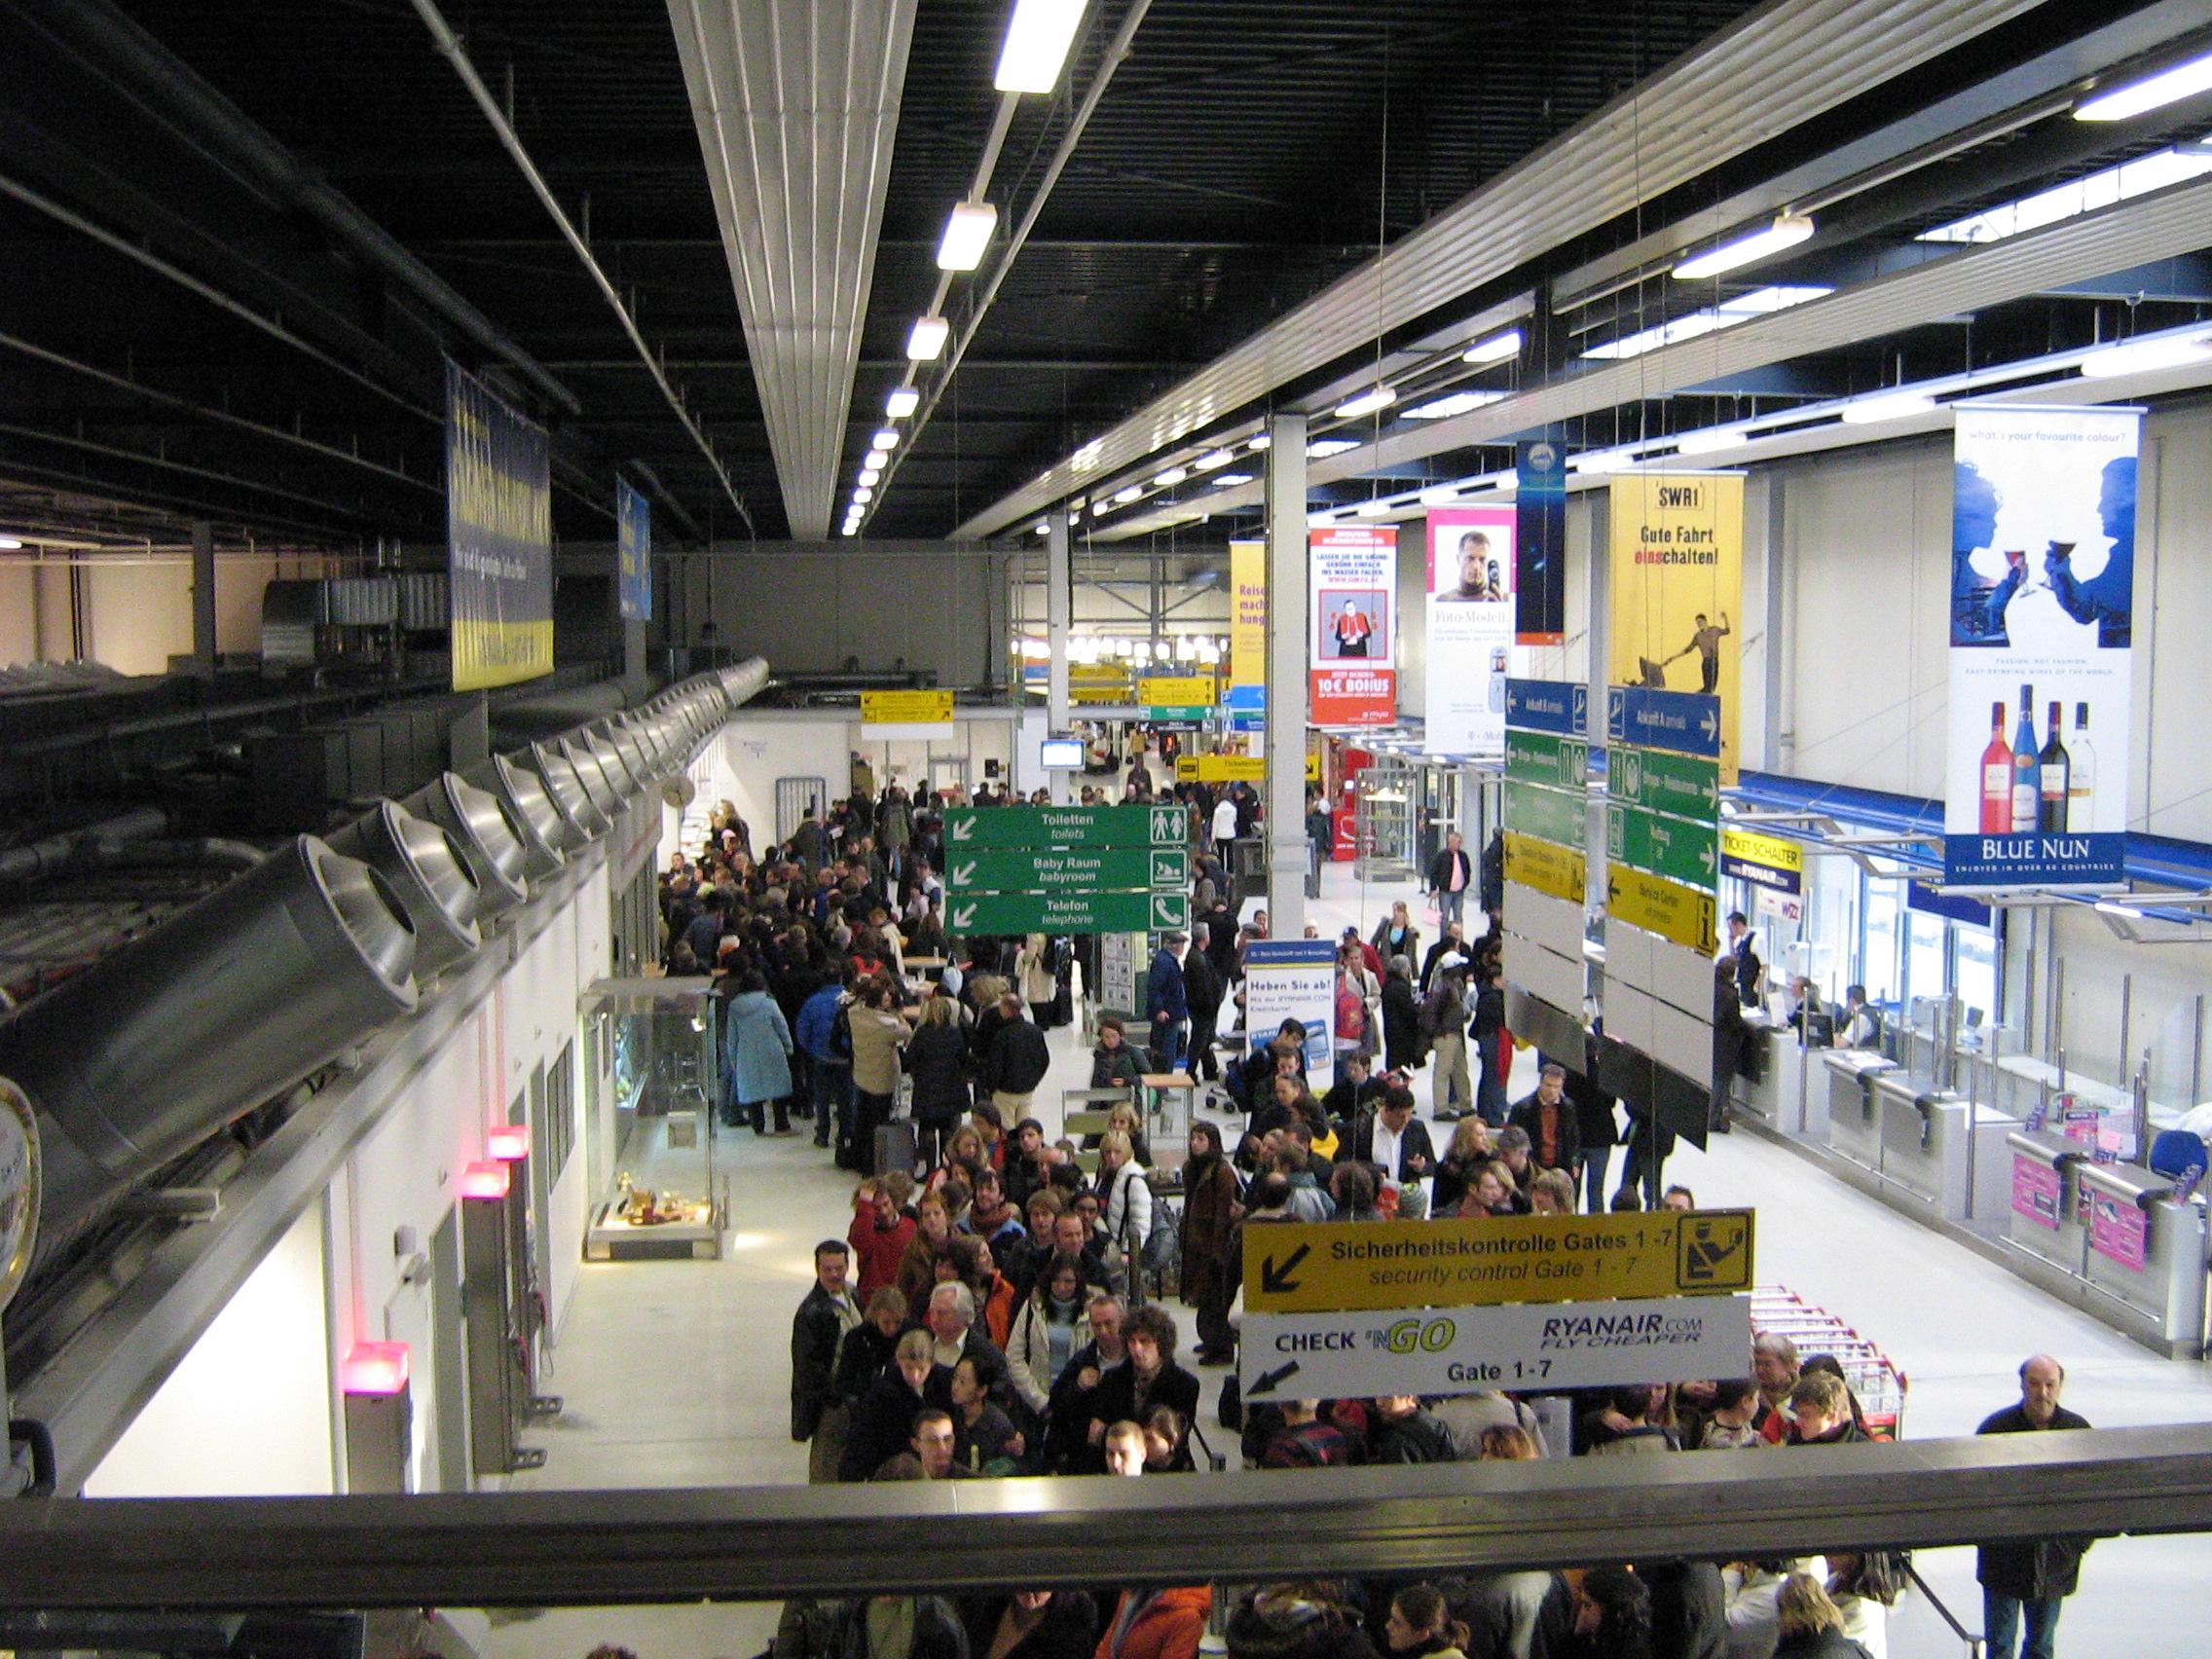 Inside_terminal1_hahn_airport.jpg (2272×1704)